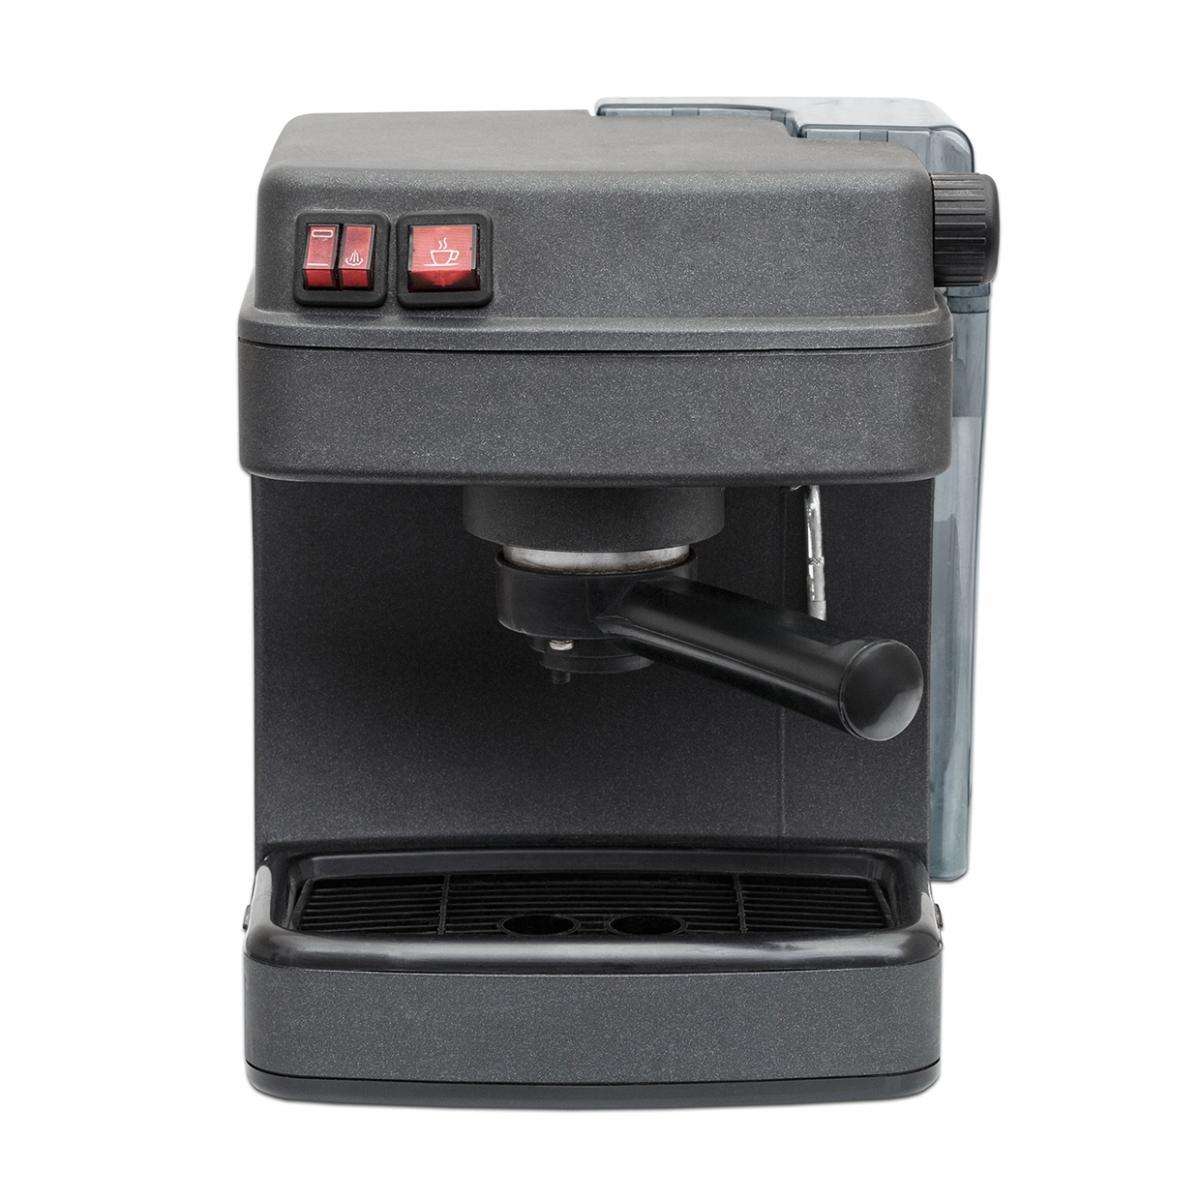 Imagen en la que se ve una cafetera eléctrica